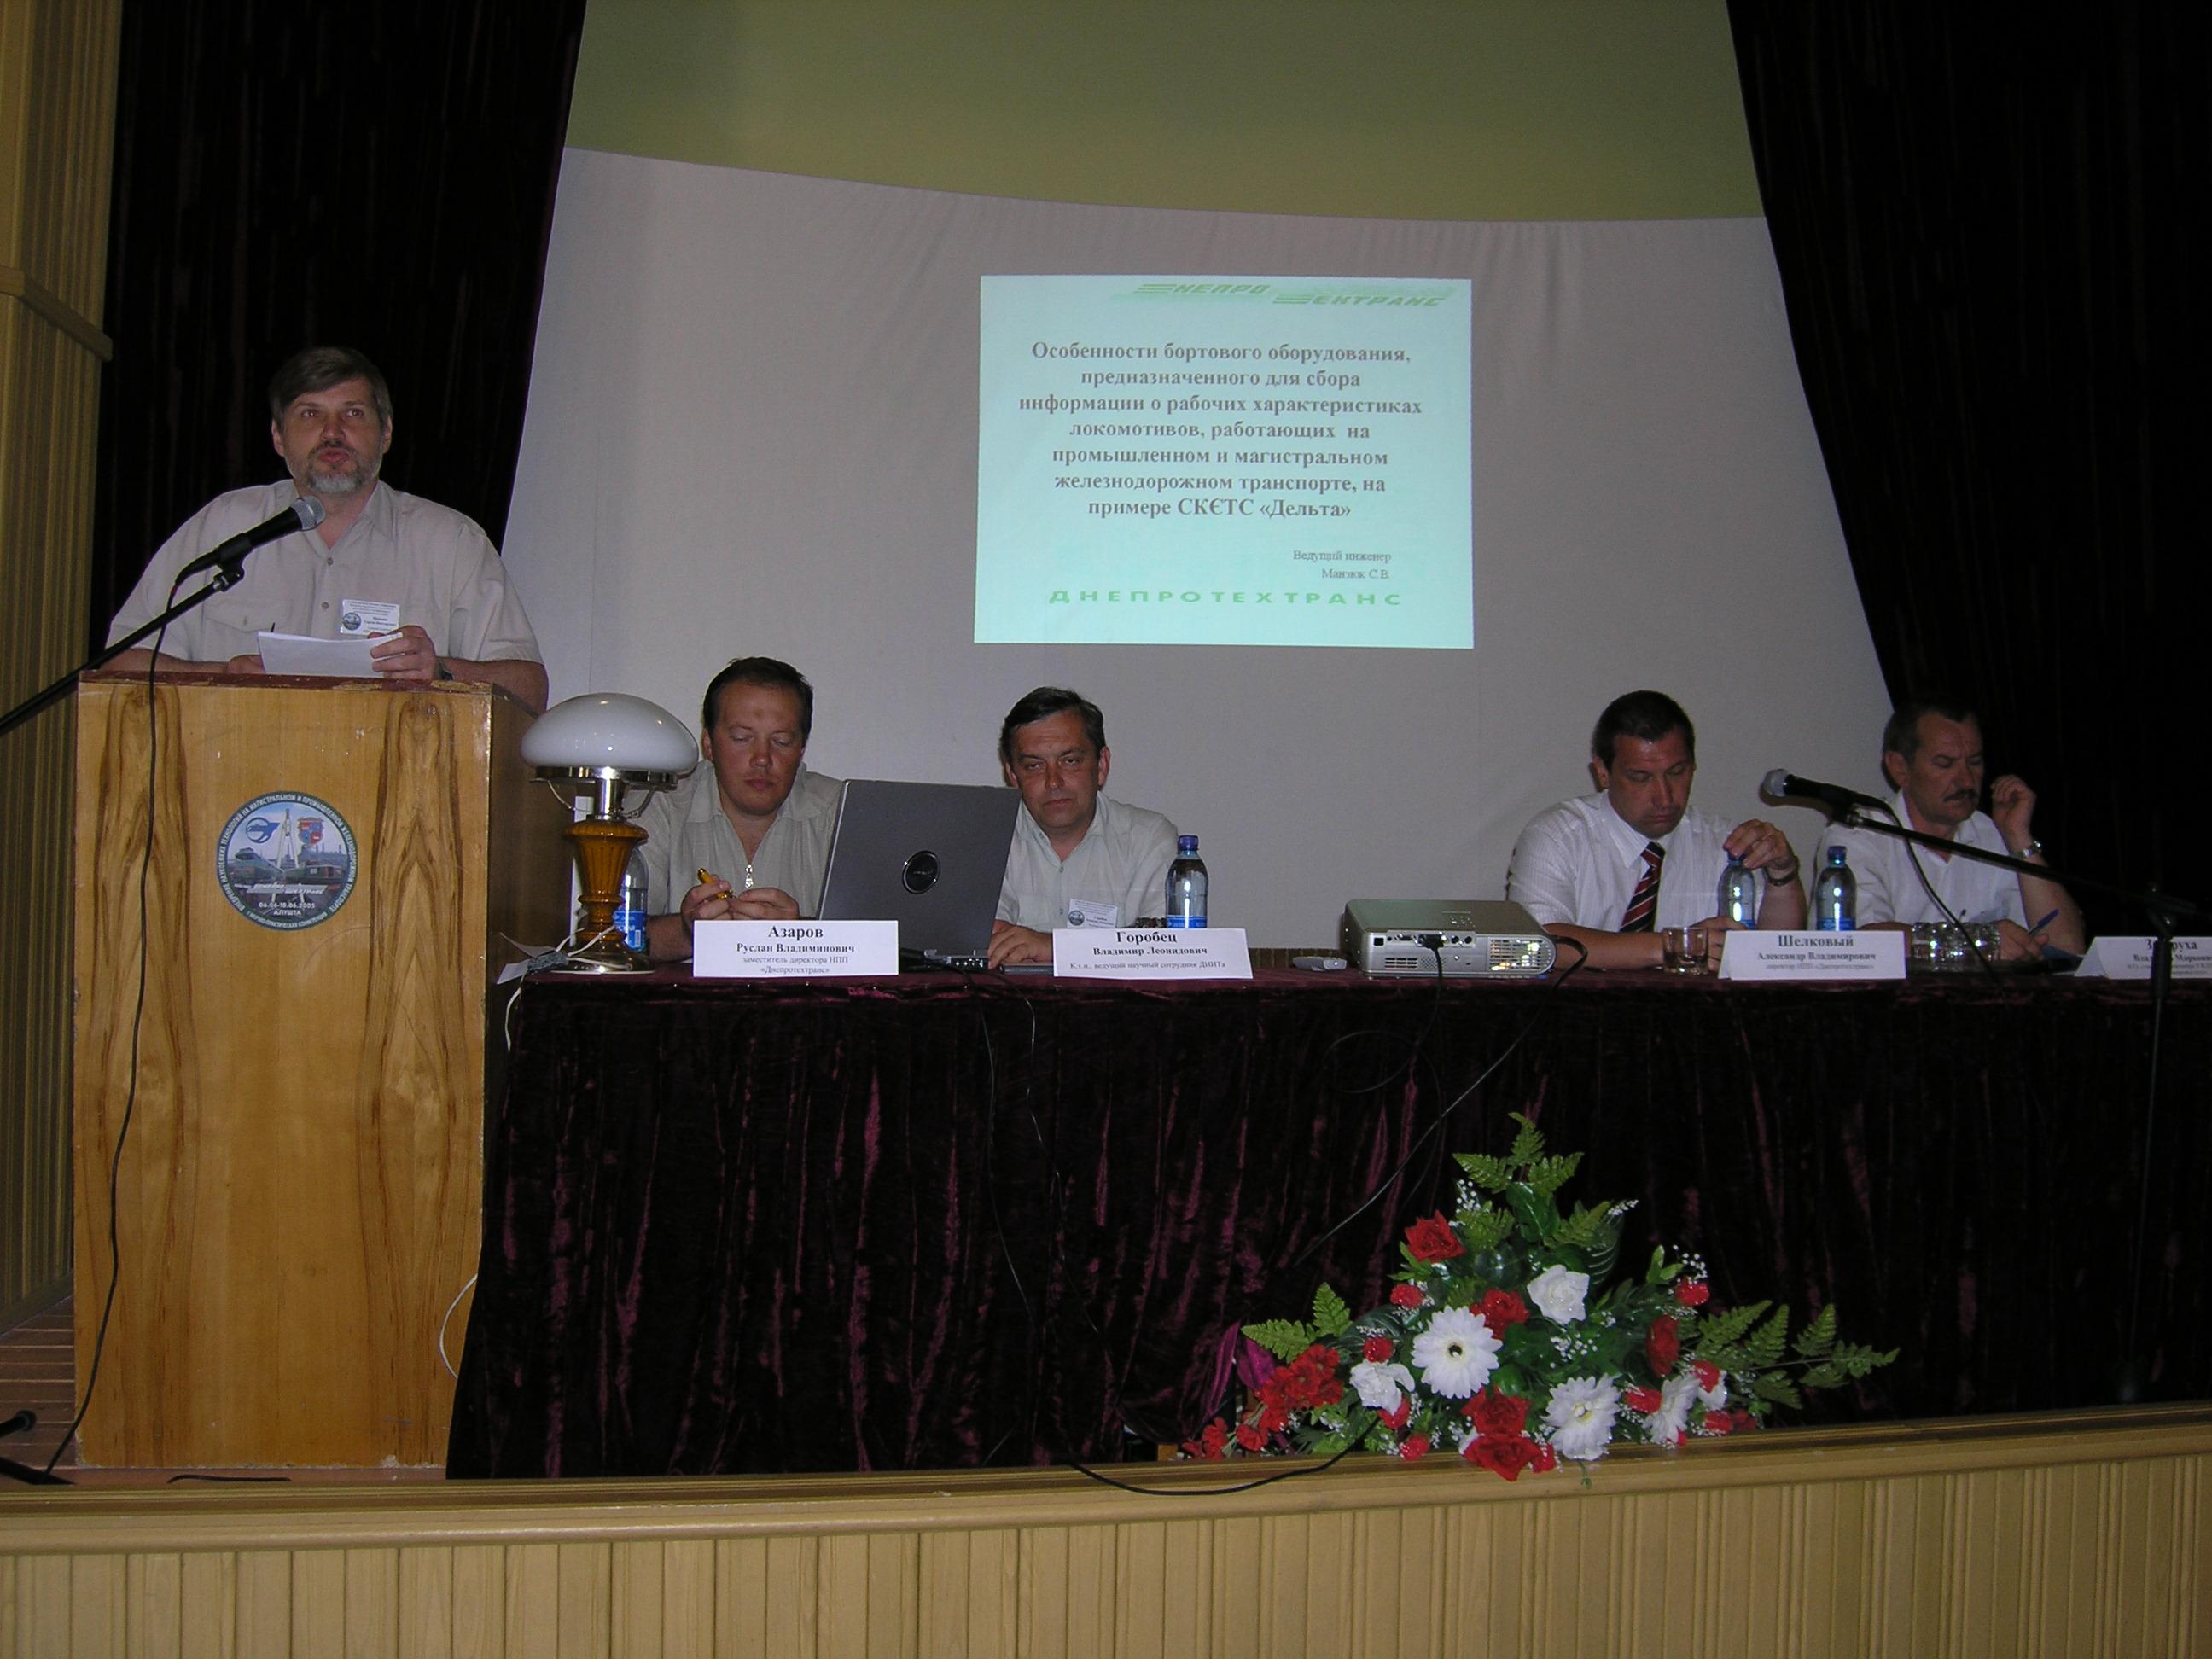 IV конференція НВО «Дніпротехтранс» в Ялті